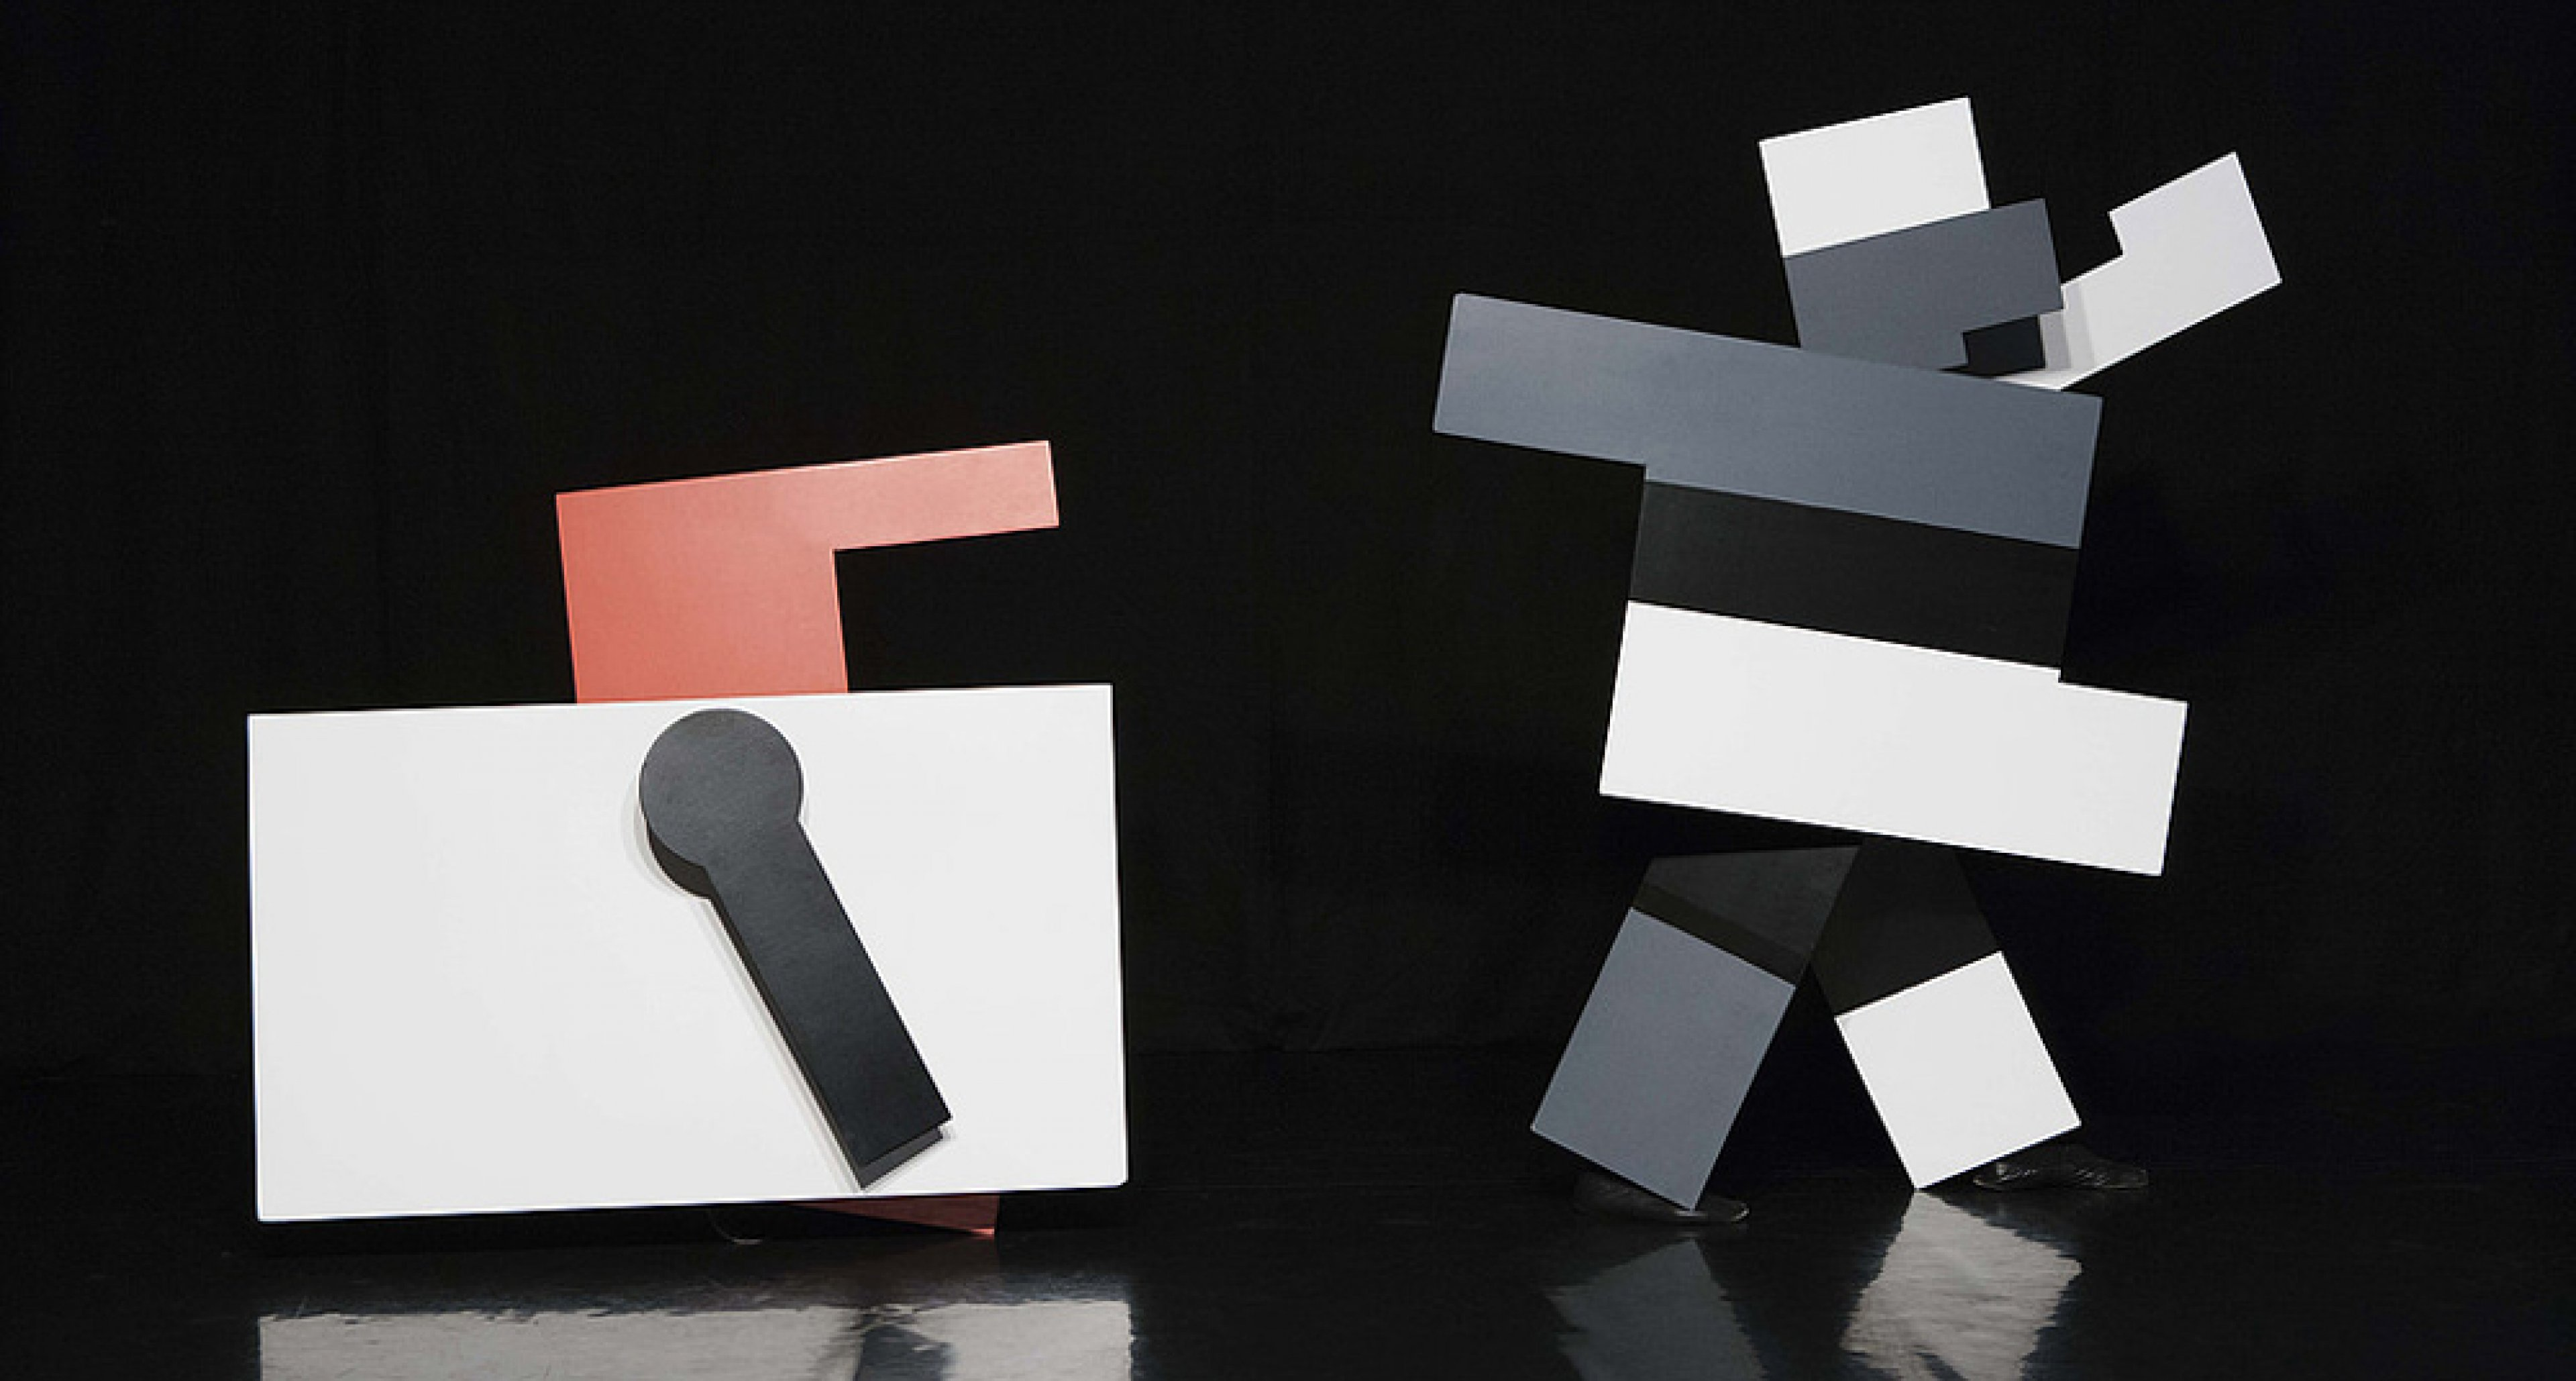 Kurt Schmidt mit F.W. Bogler und G. Teltscher »Das mechanische Ballett« (1923) Neuinszenierung  Theater der Klänge, 2009. Foto: O. Eltinger